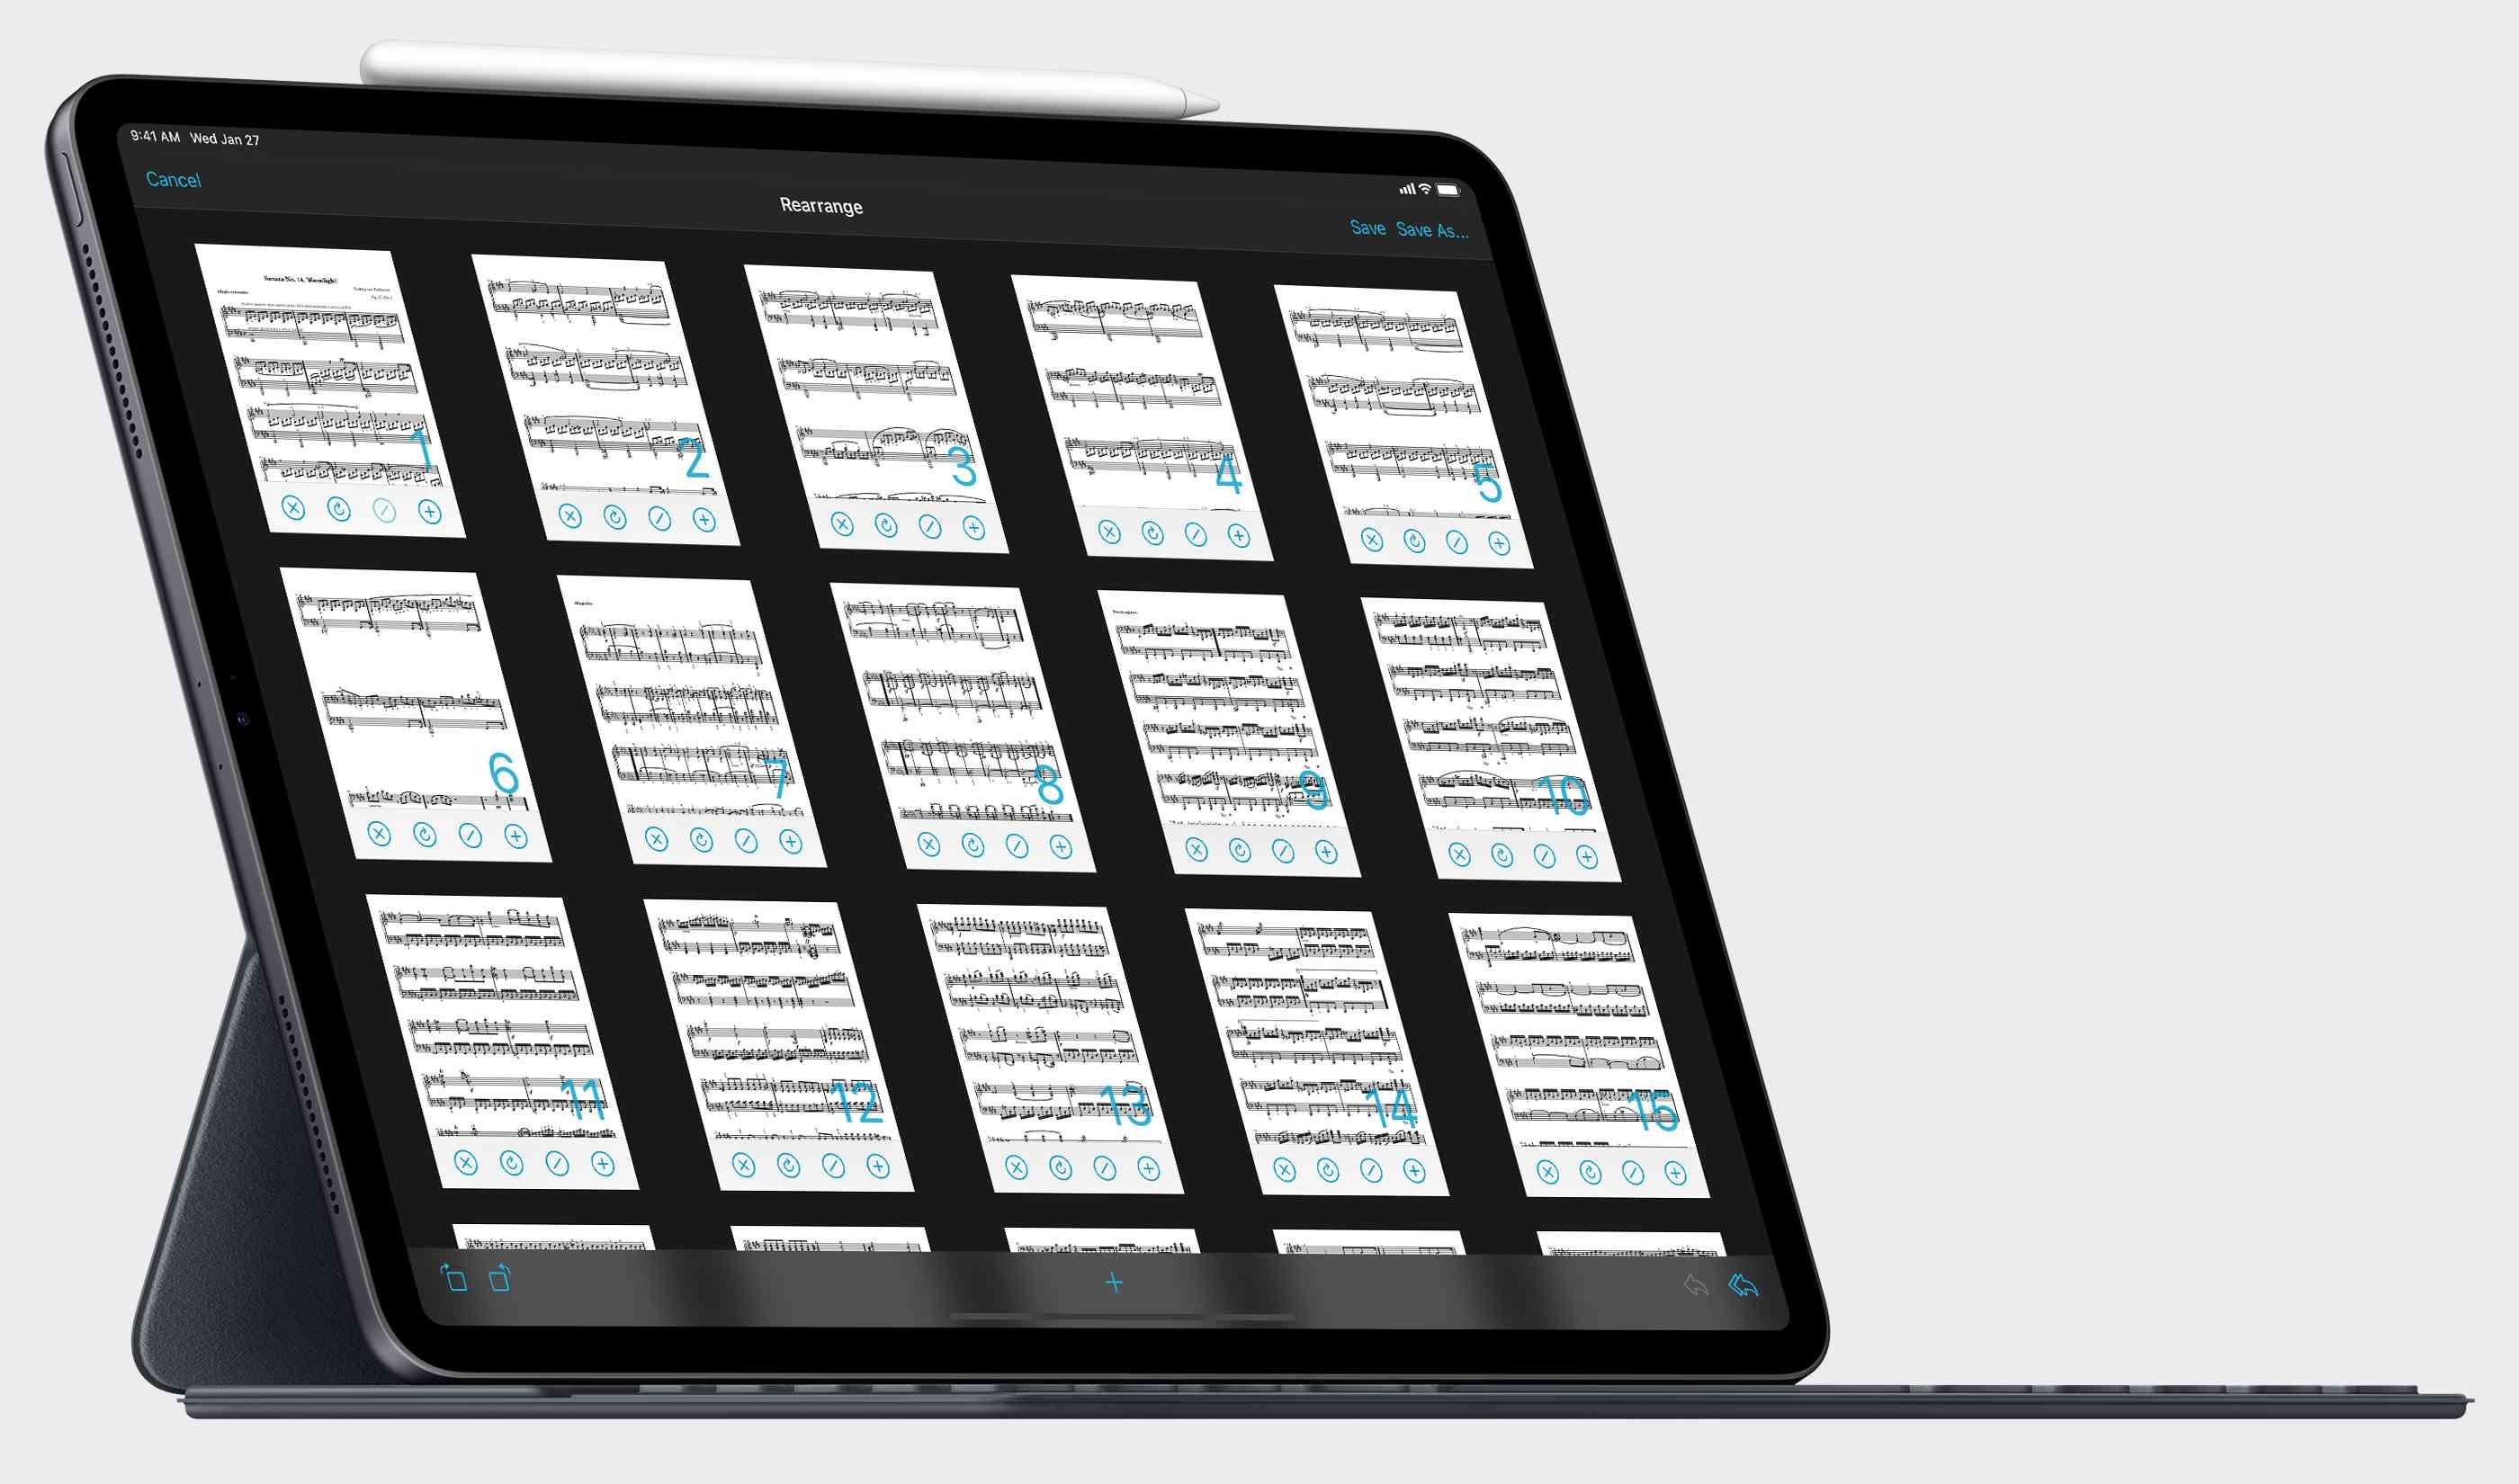 The forScore app on an iPad